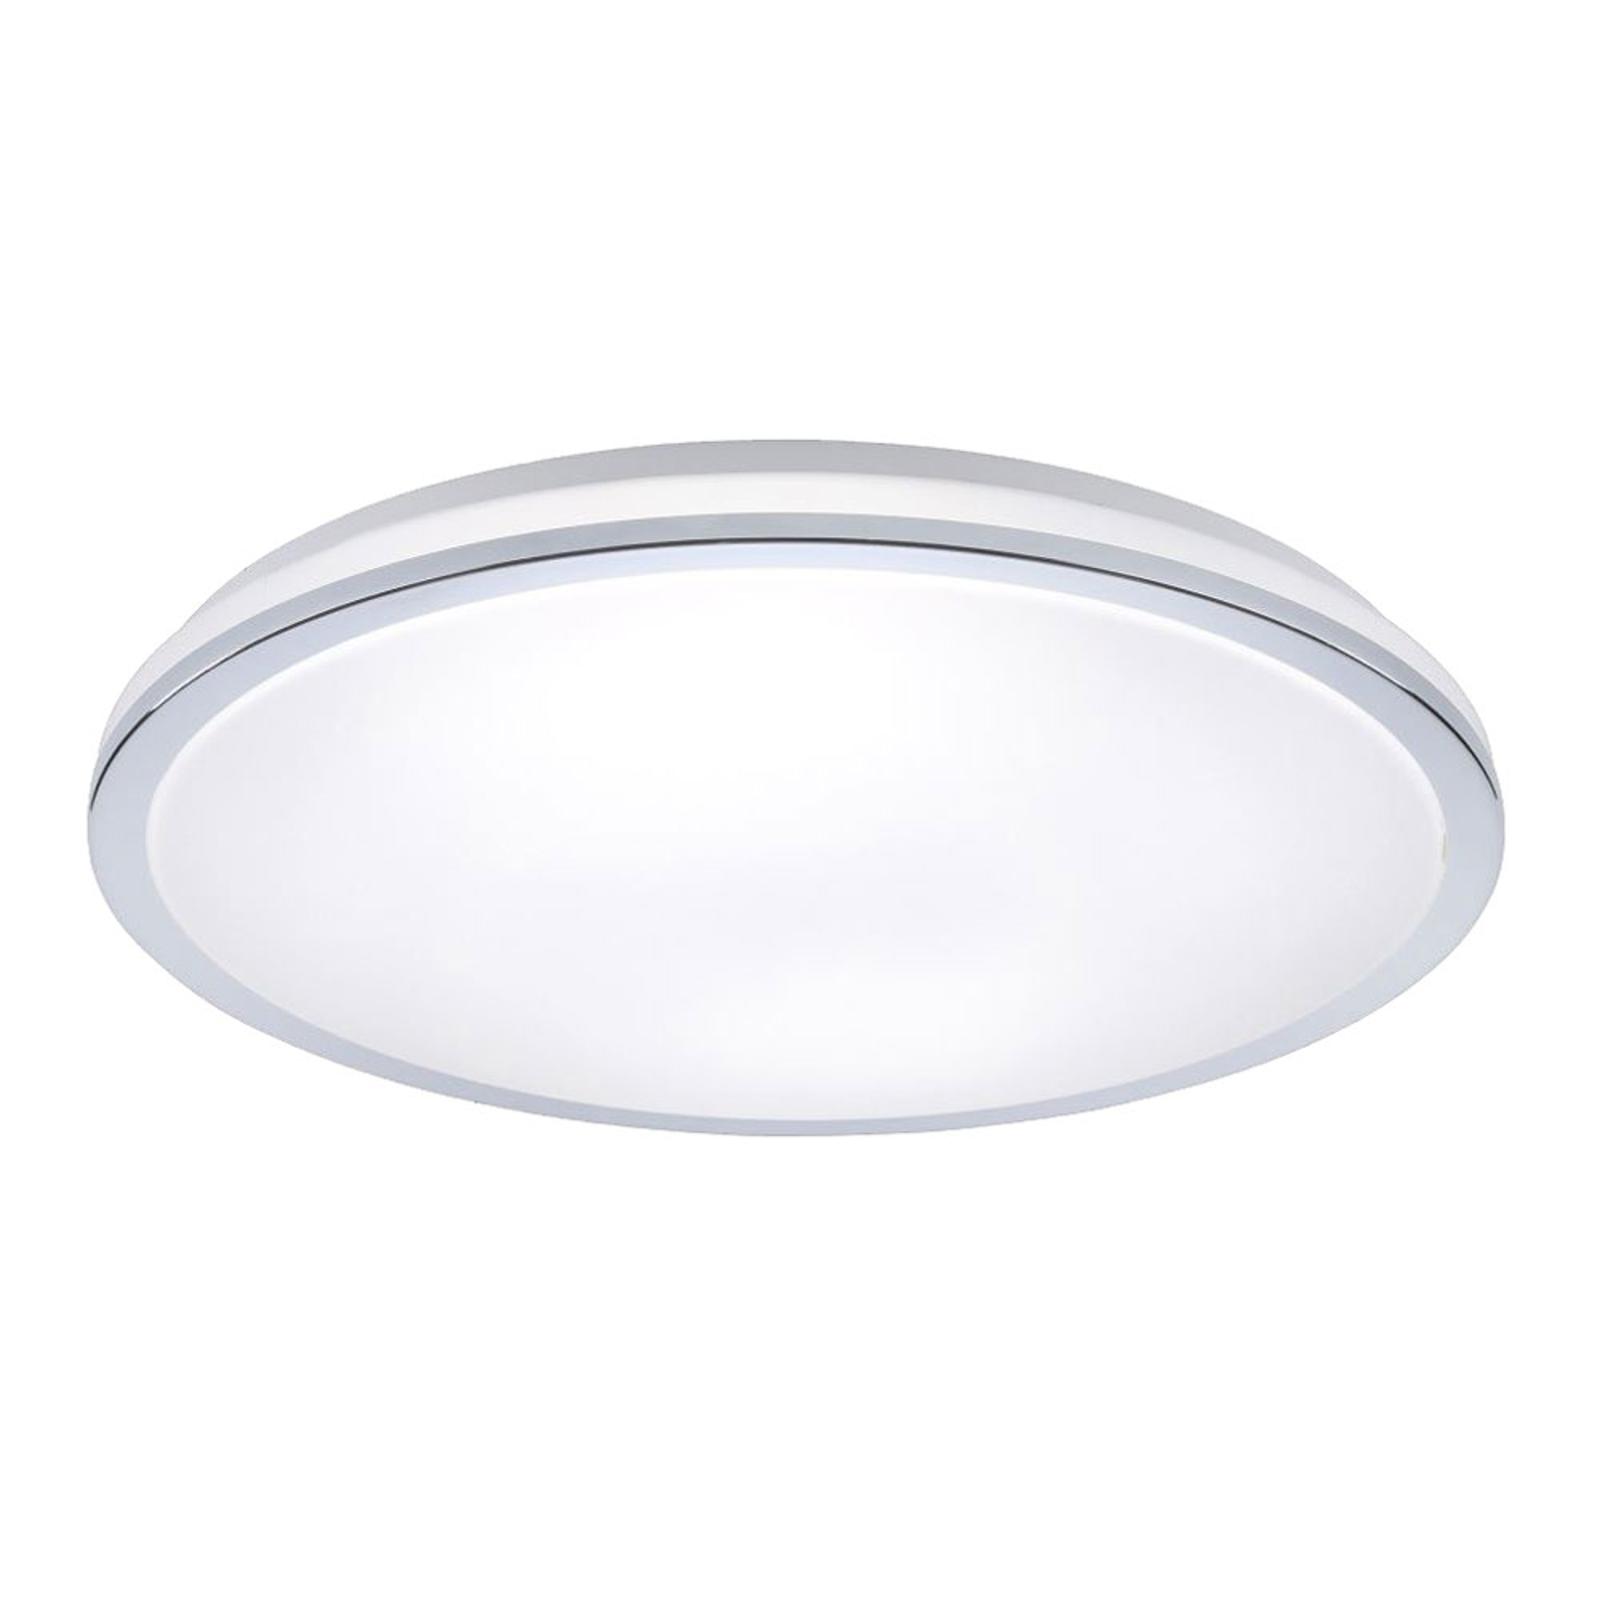 Lampa sufitowa LED Isabell z czujnikiem ruchu